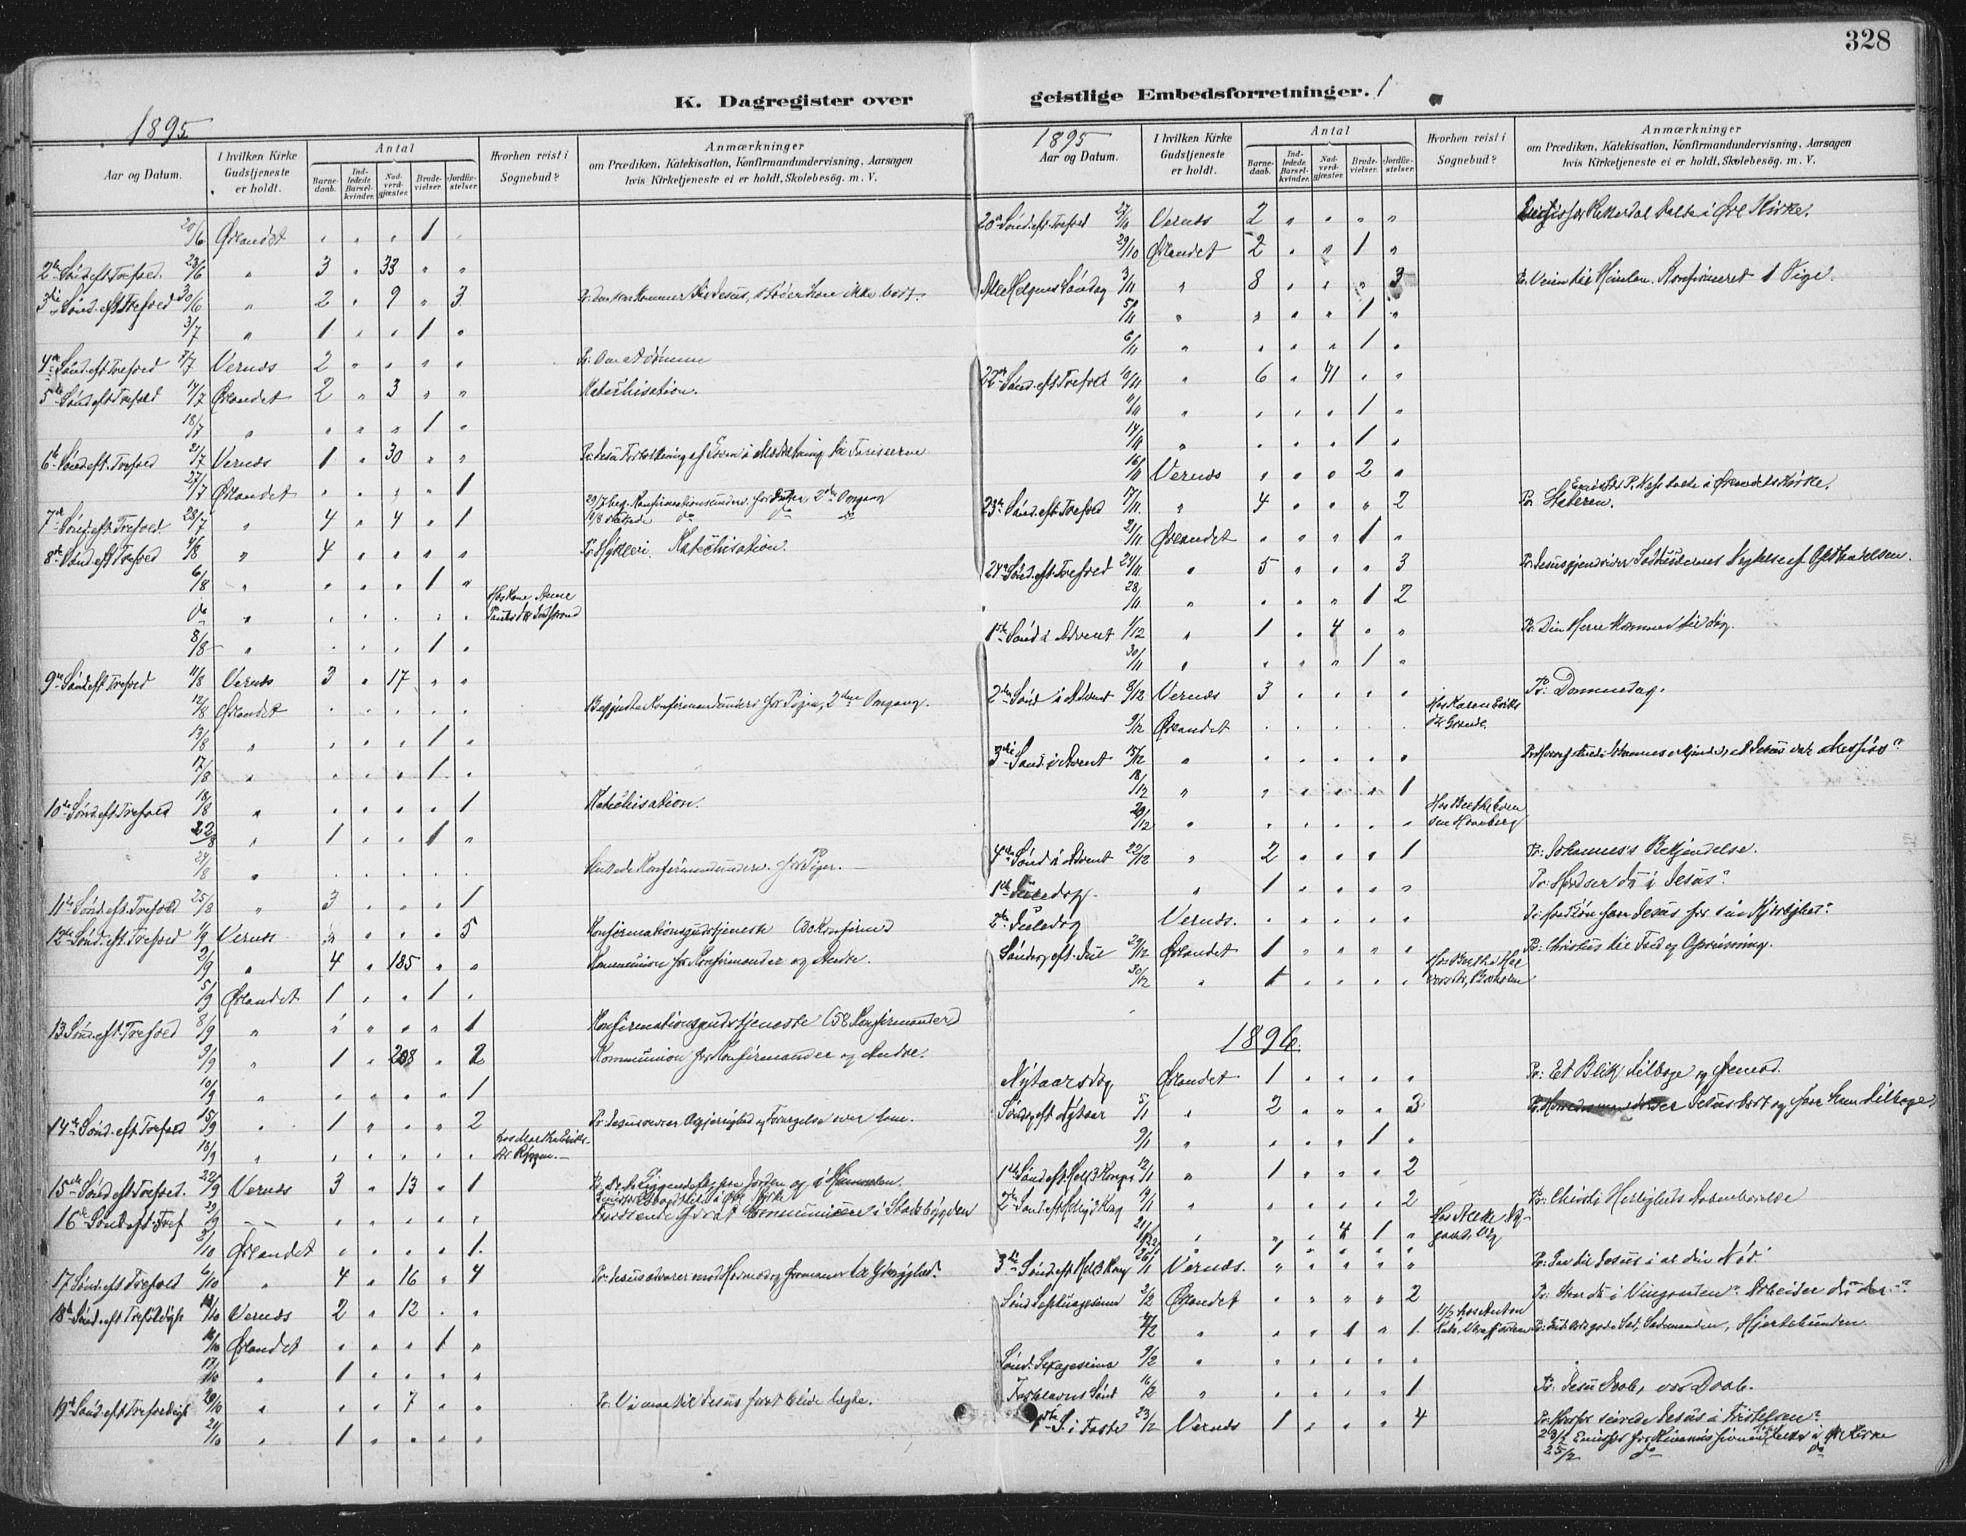 SAT, Ministerialprotokoller, klokkerbøker og fødselsregistre - Sør-Trøndelag, 659/L0743: Ministerialbok nr. 659A13, 1893-1910, s. 328